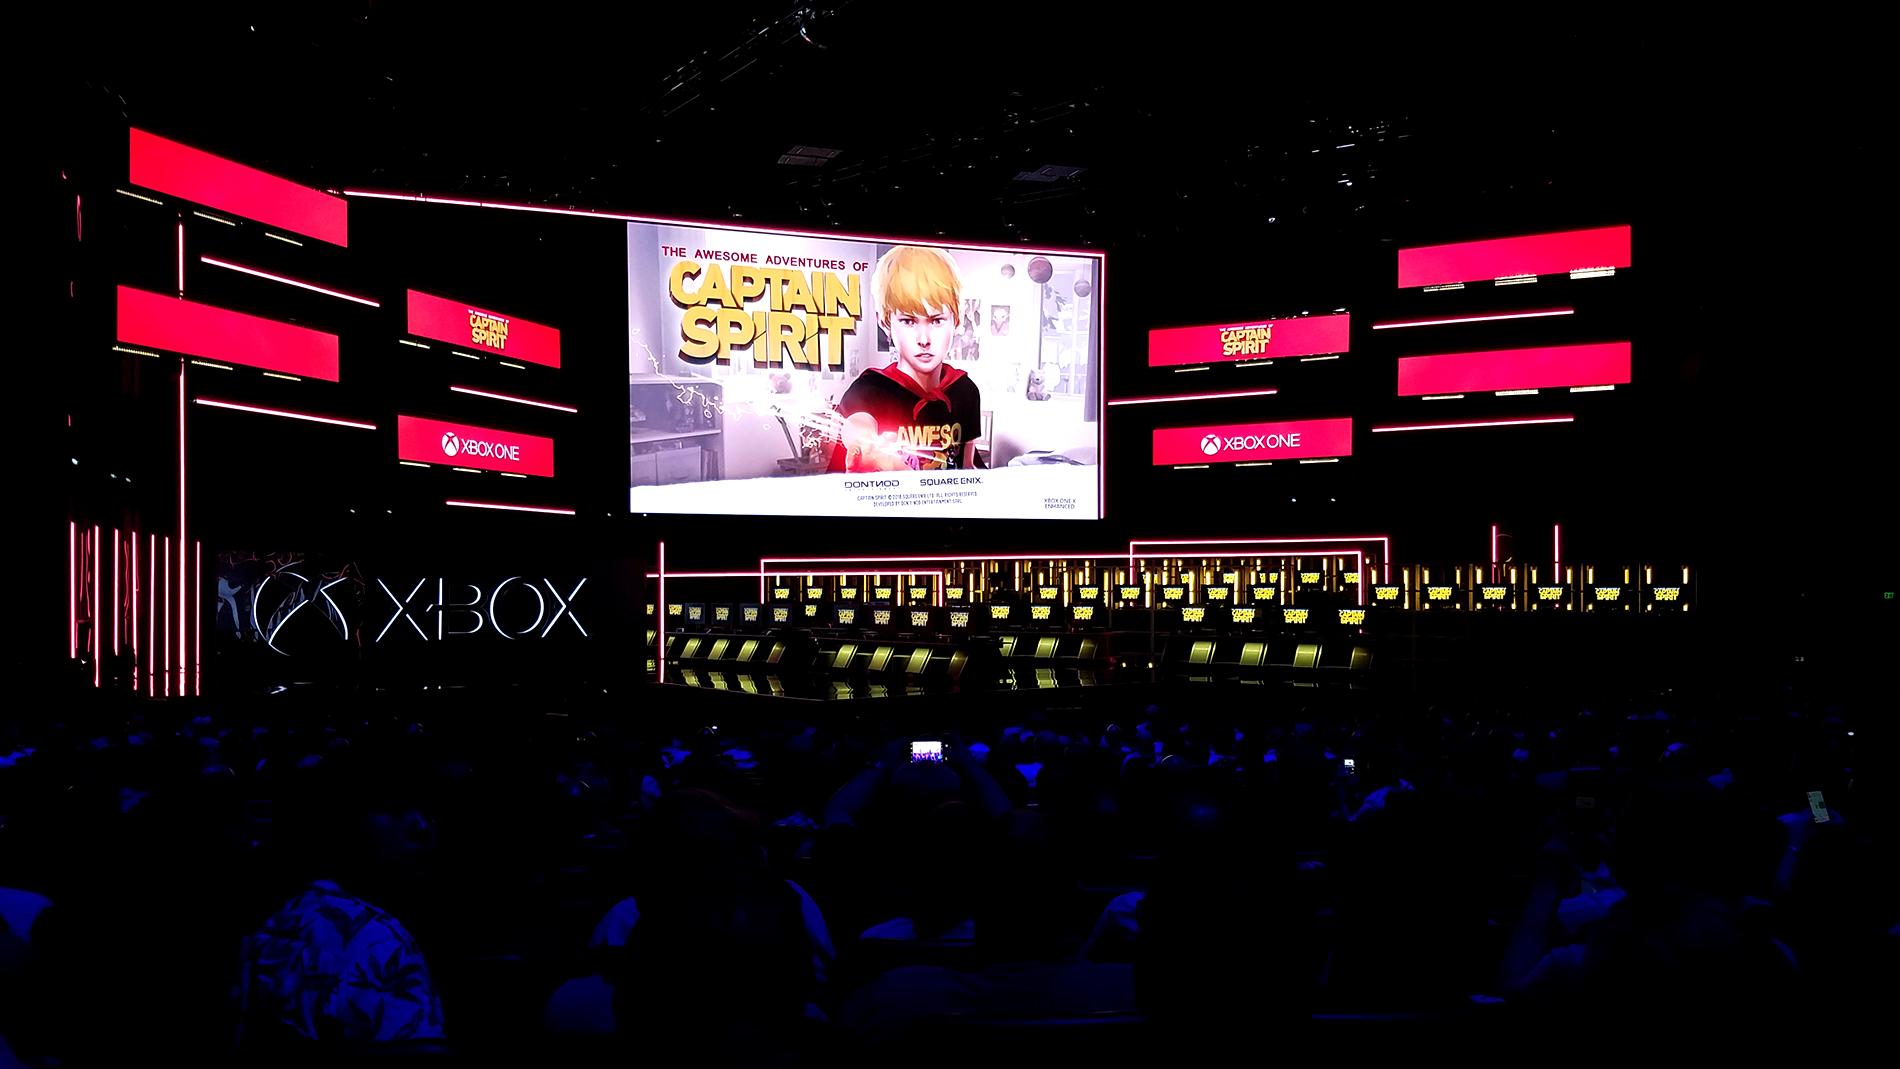 CaptainSpirit_Msoft_E3.jpg